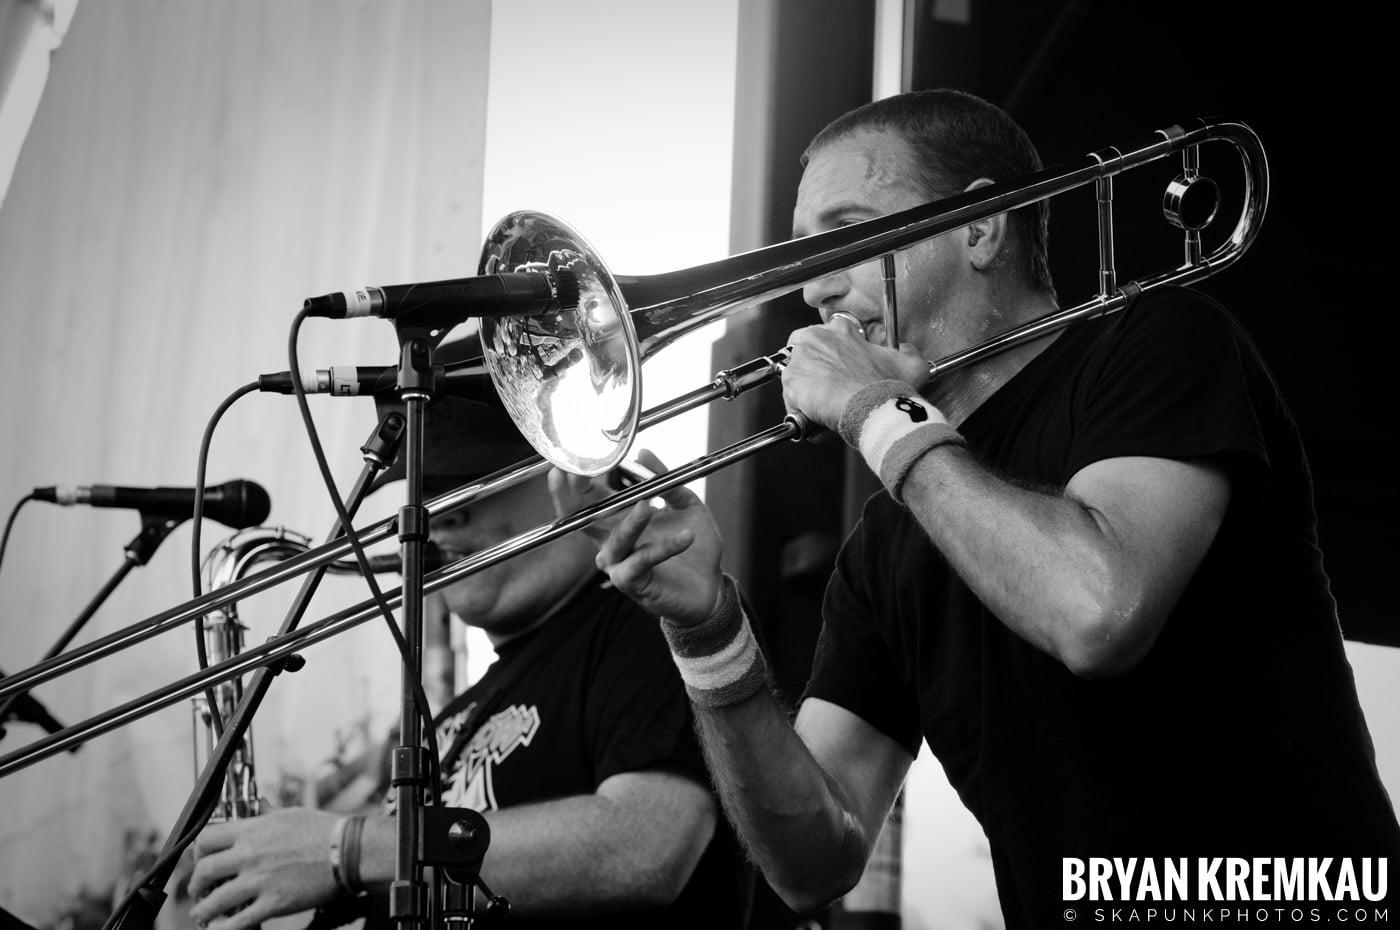 Less Than Jake @ Warped Tour 2009, Scranton PA - 07.15.09 (3)